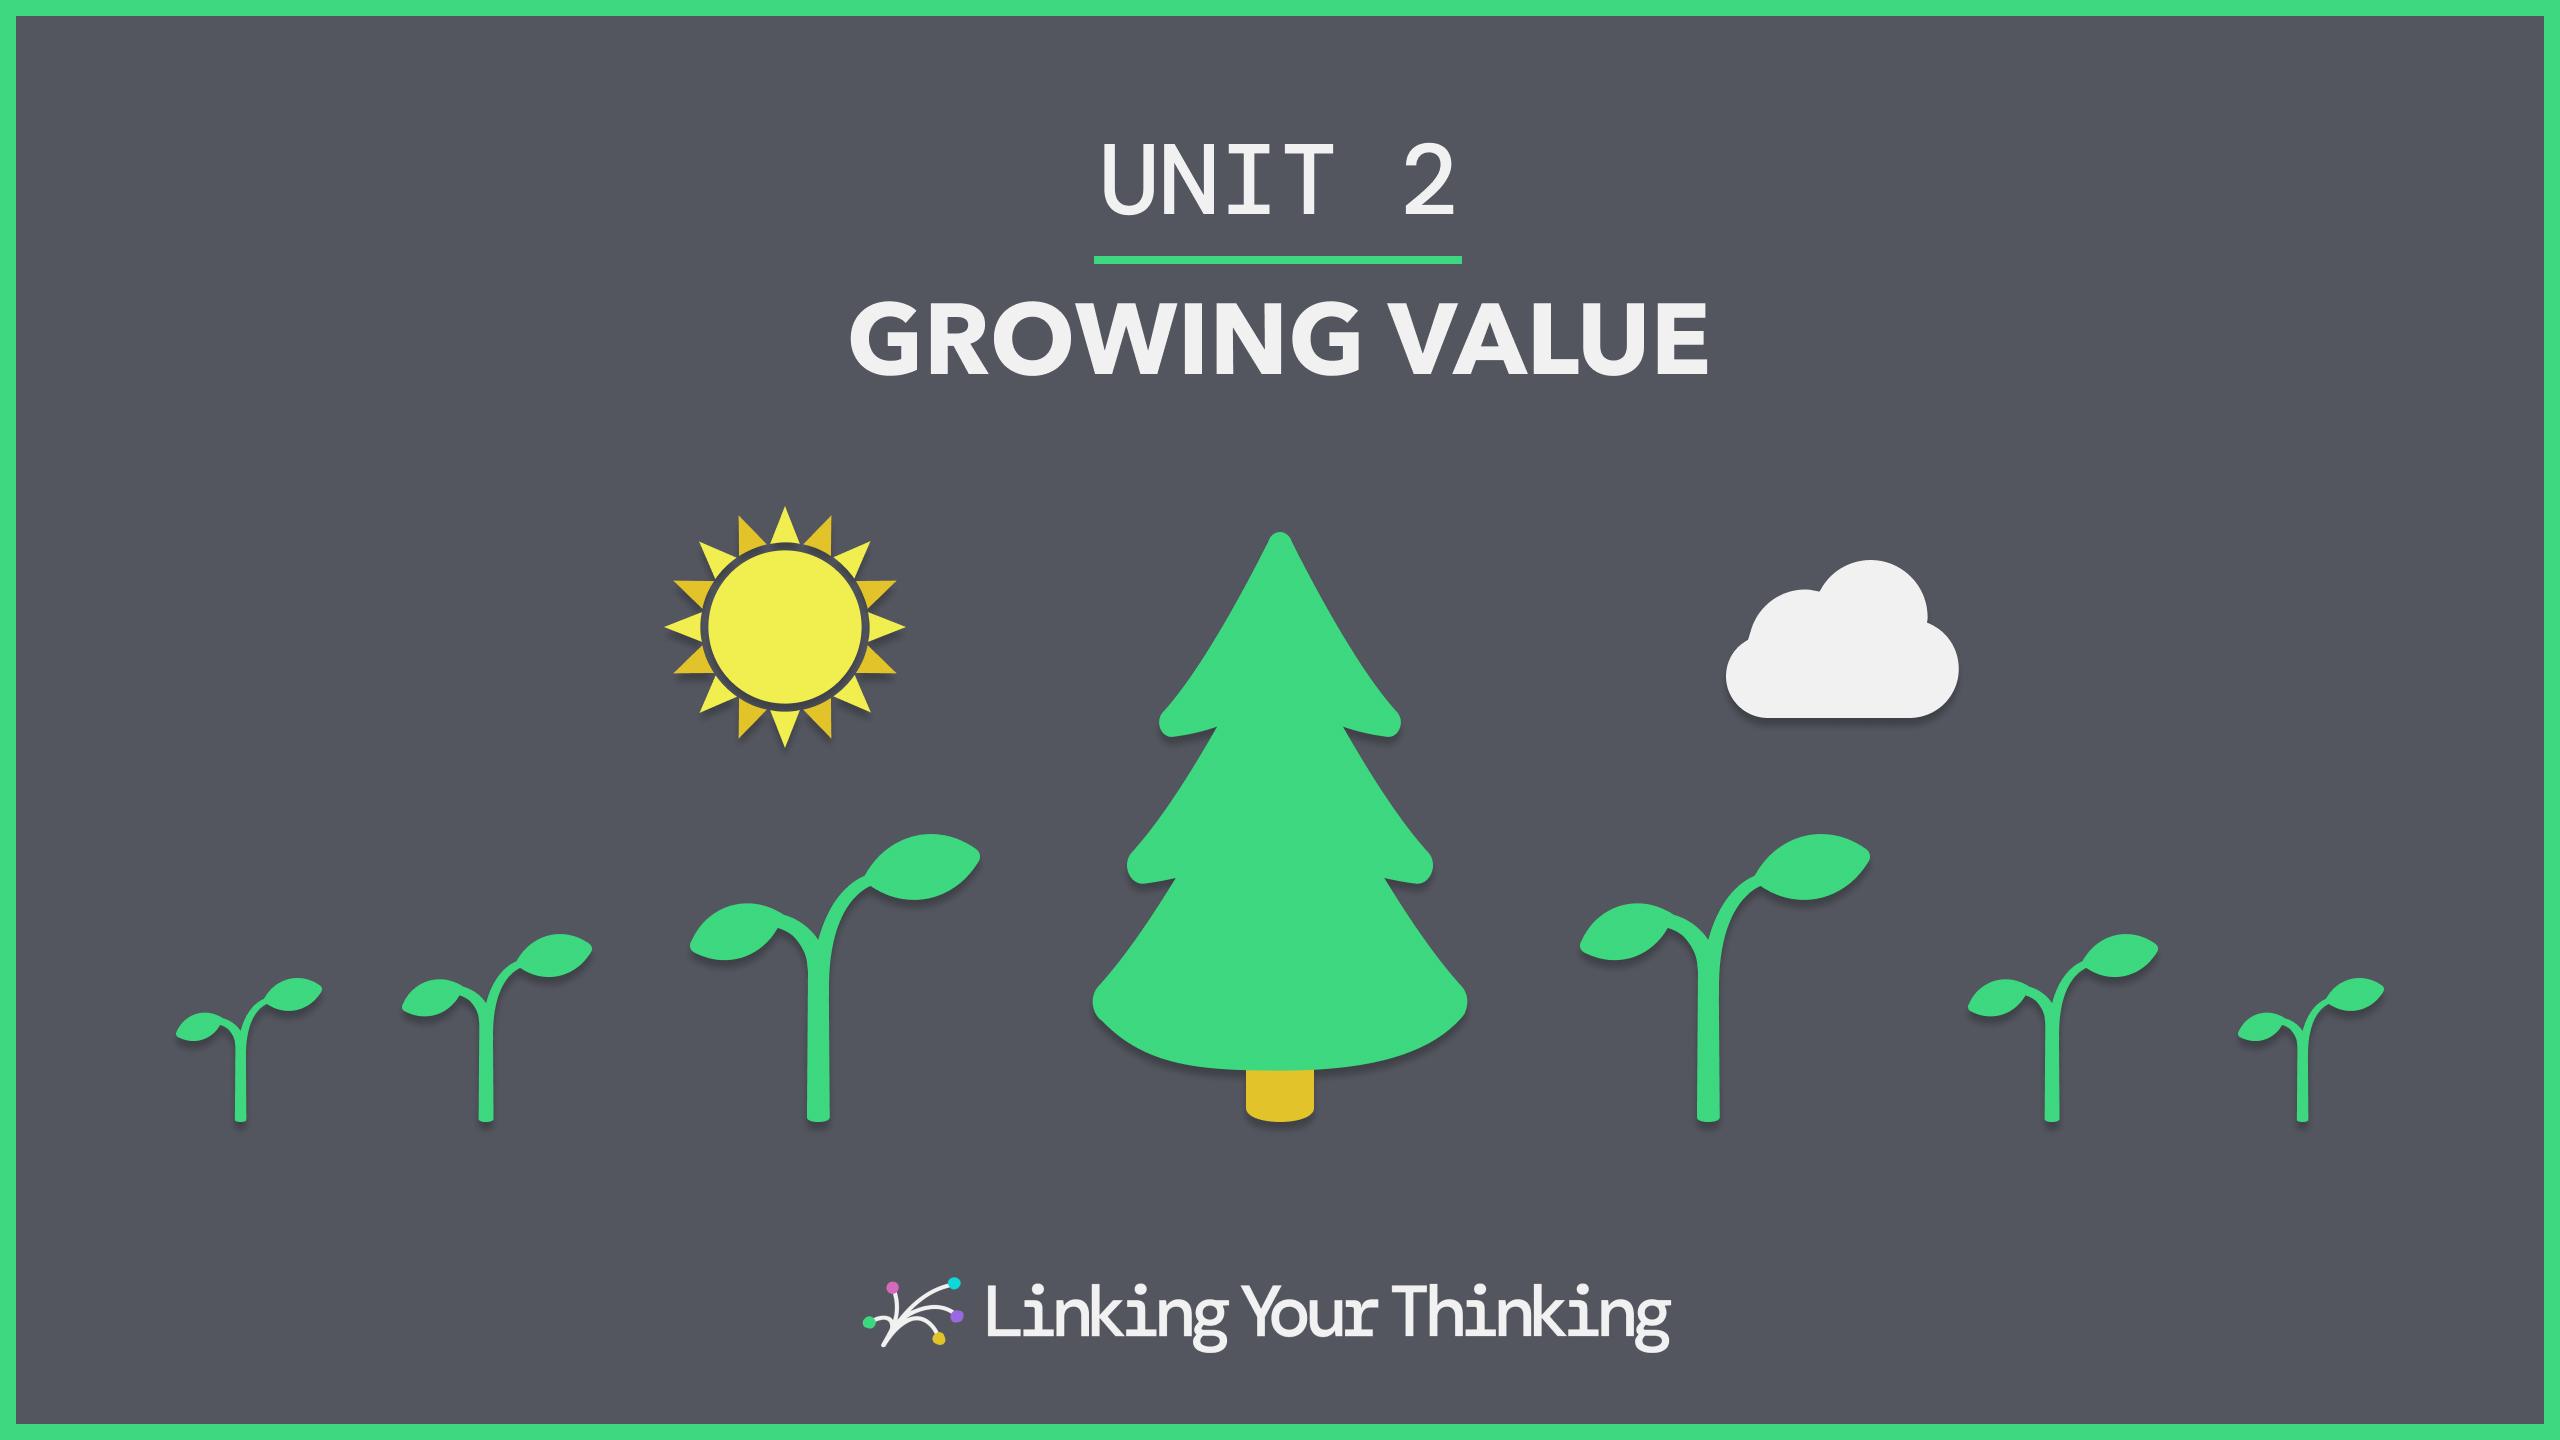 LYT Workshop - Unit 2 image